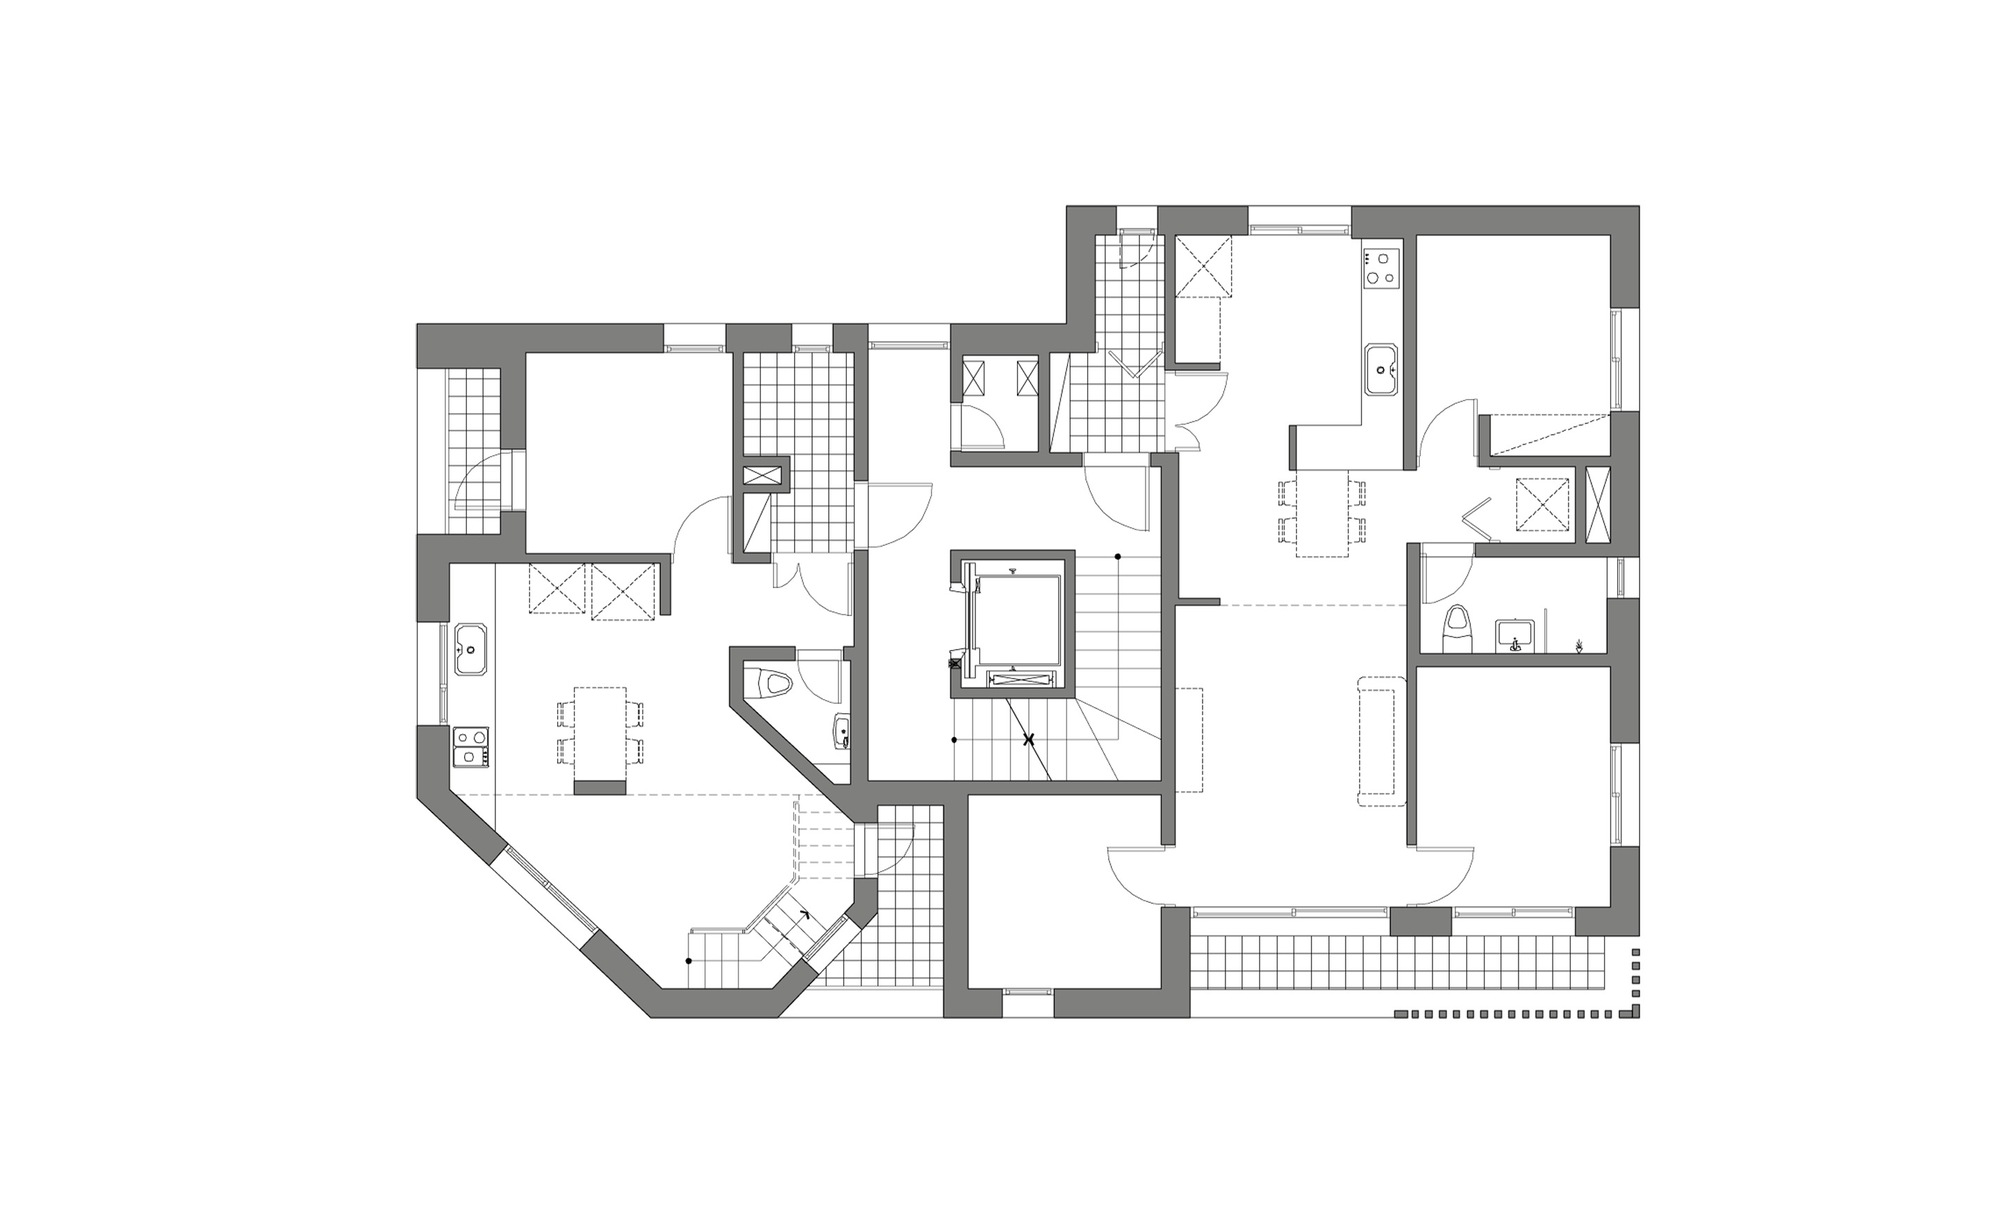 100 house plans multi family opulent design ideas open floor plans with basement multi - Multi unit house plans family friends ...